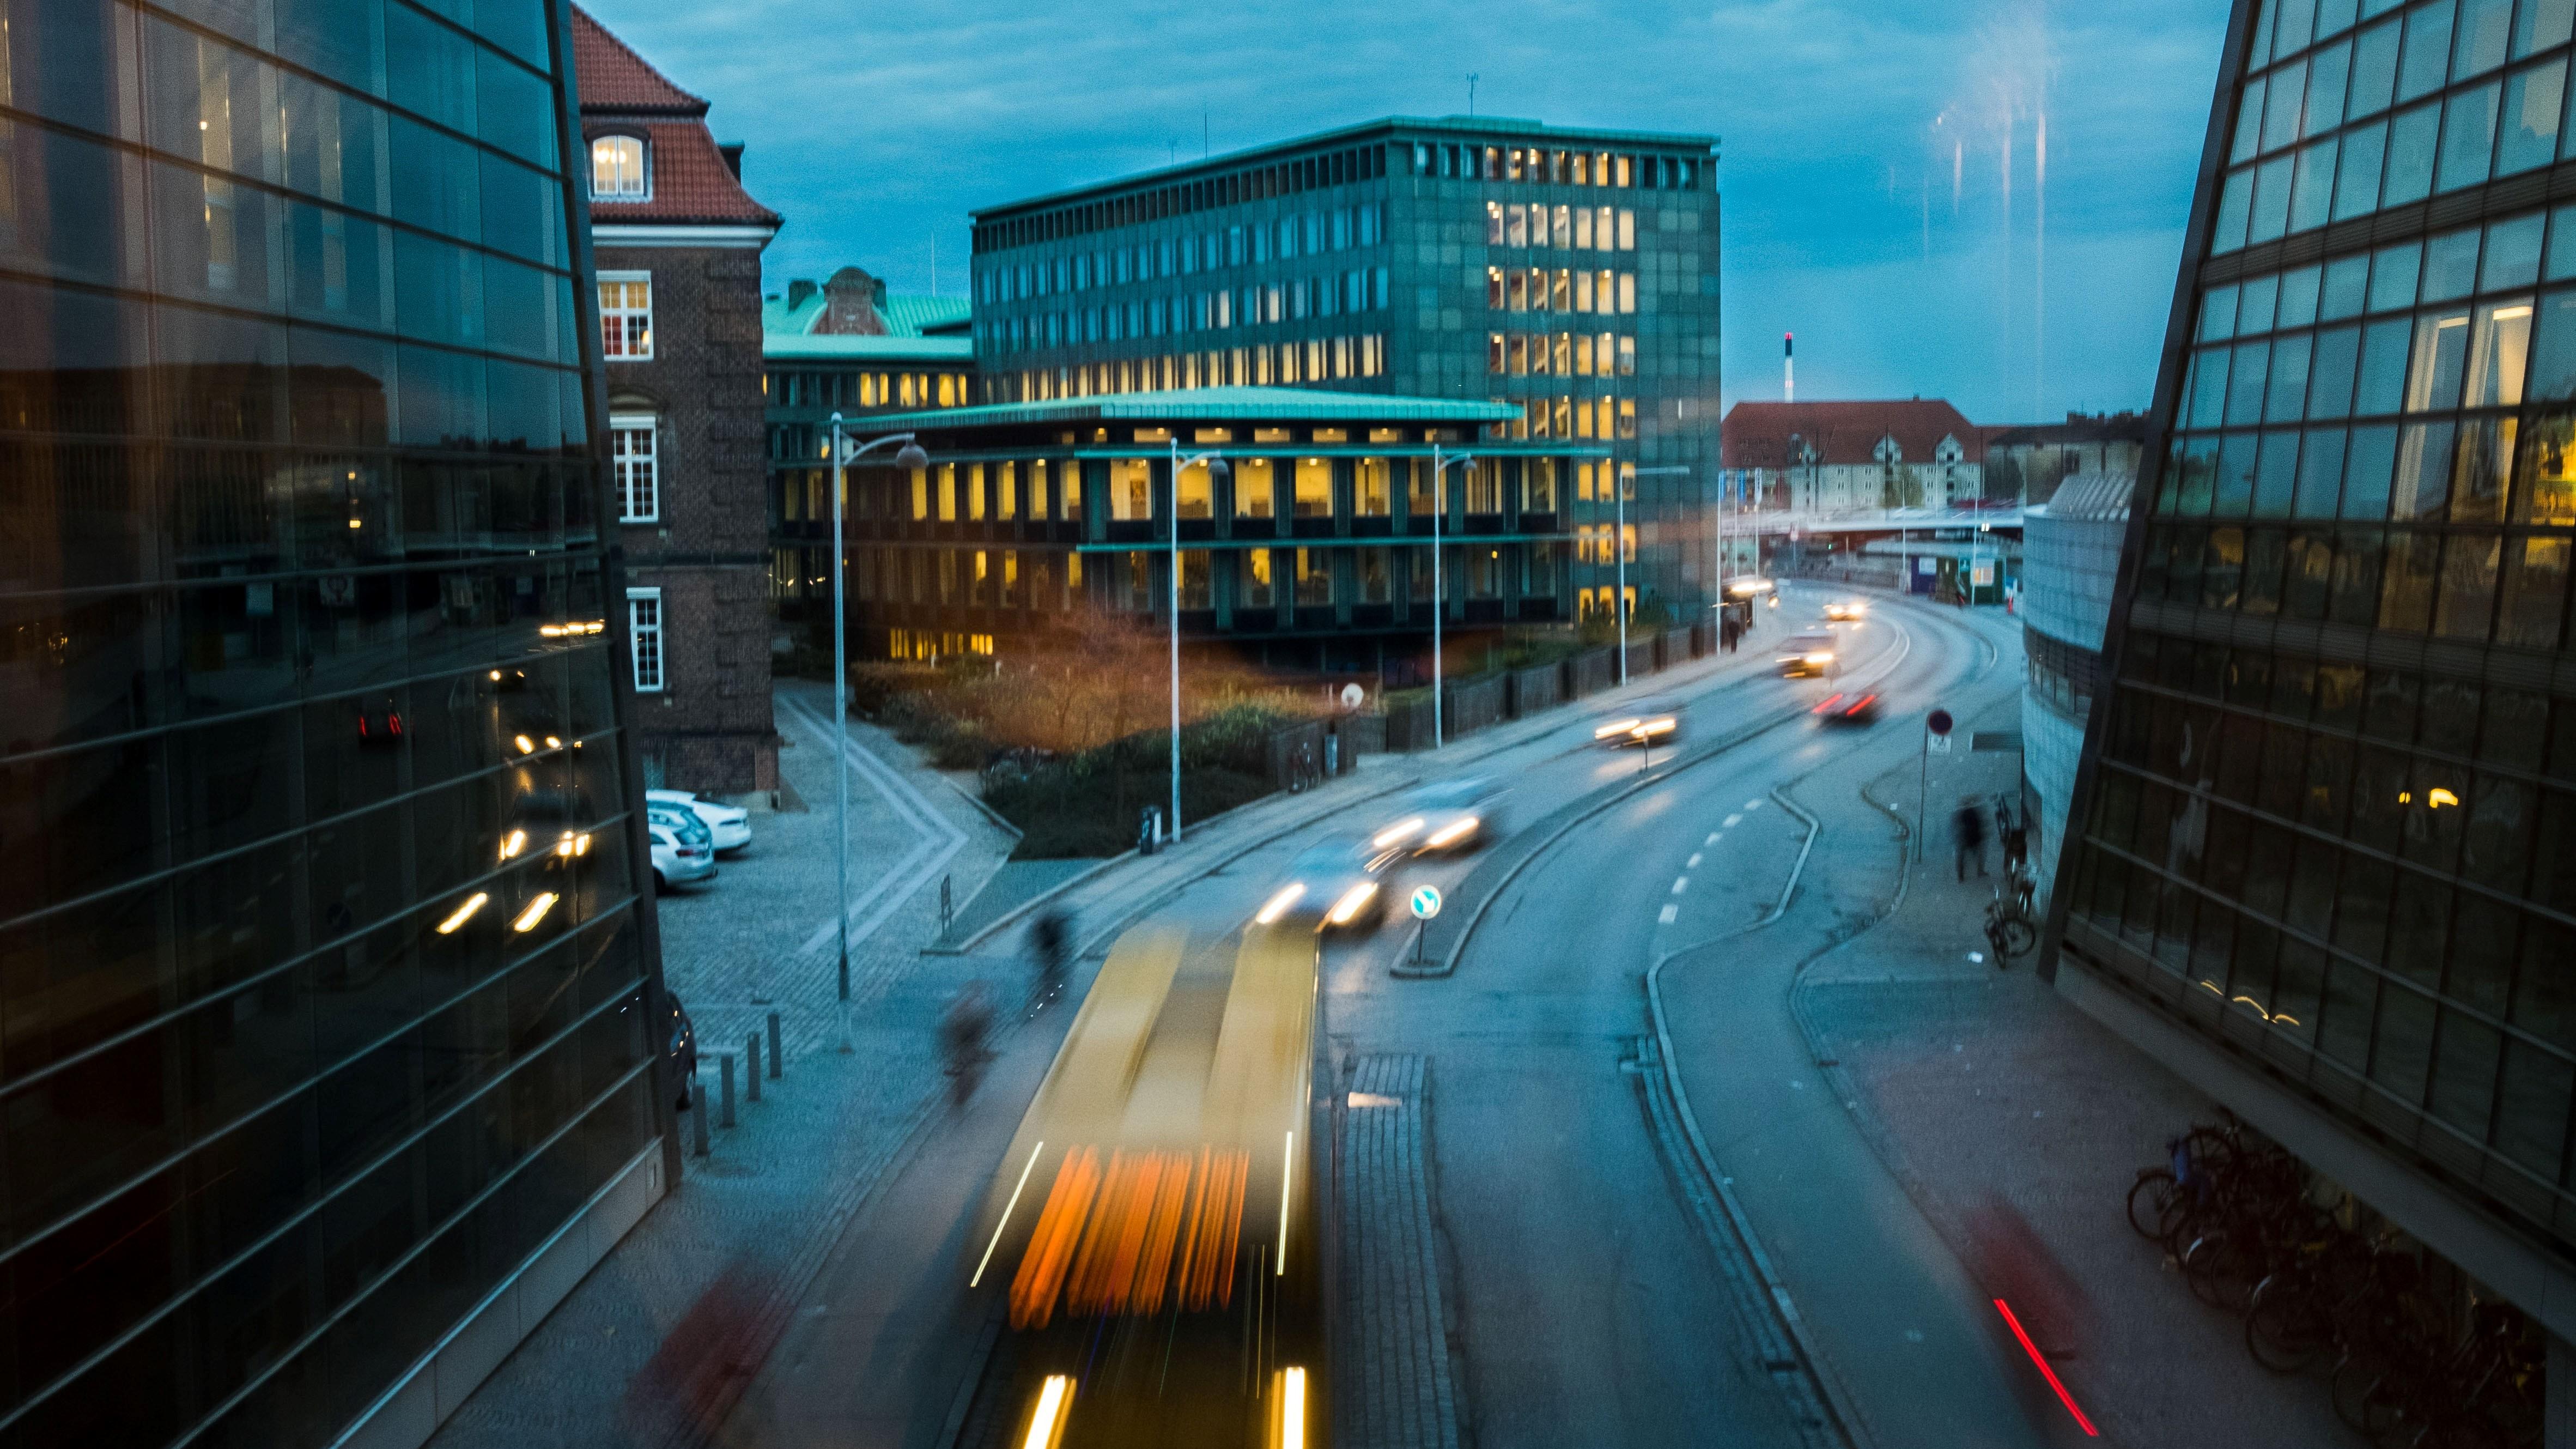 Innovationsprojekt om nye åbne data: Logistik, last-mile-delivery og offentlig transport